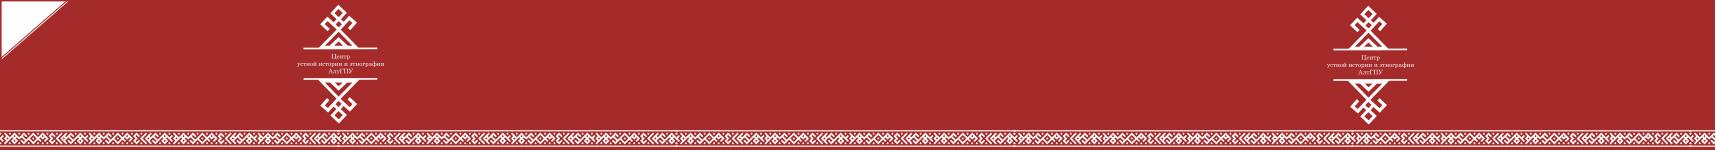 Полевые исследования по этнографии и устной истории на территории Алтайского края во второй половине XX - начале XXI вв.